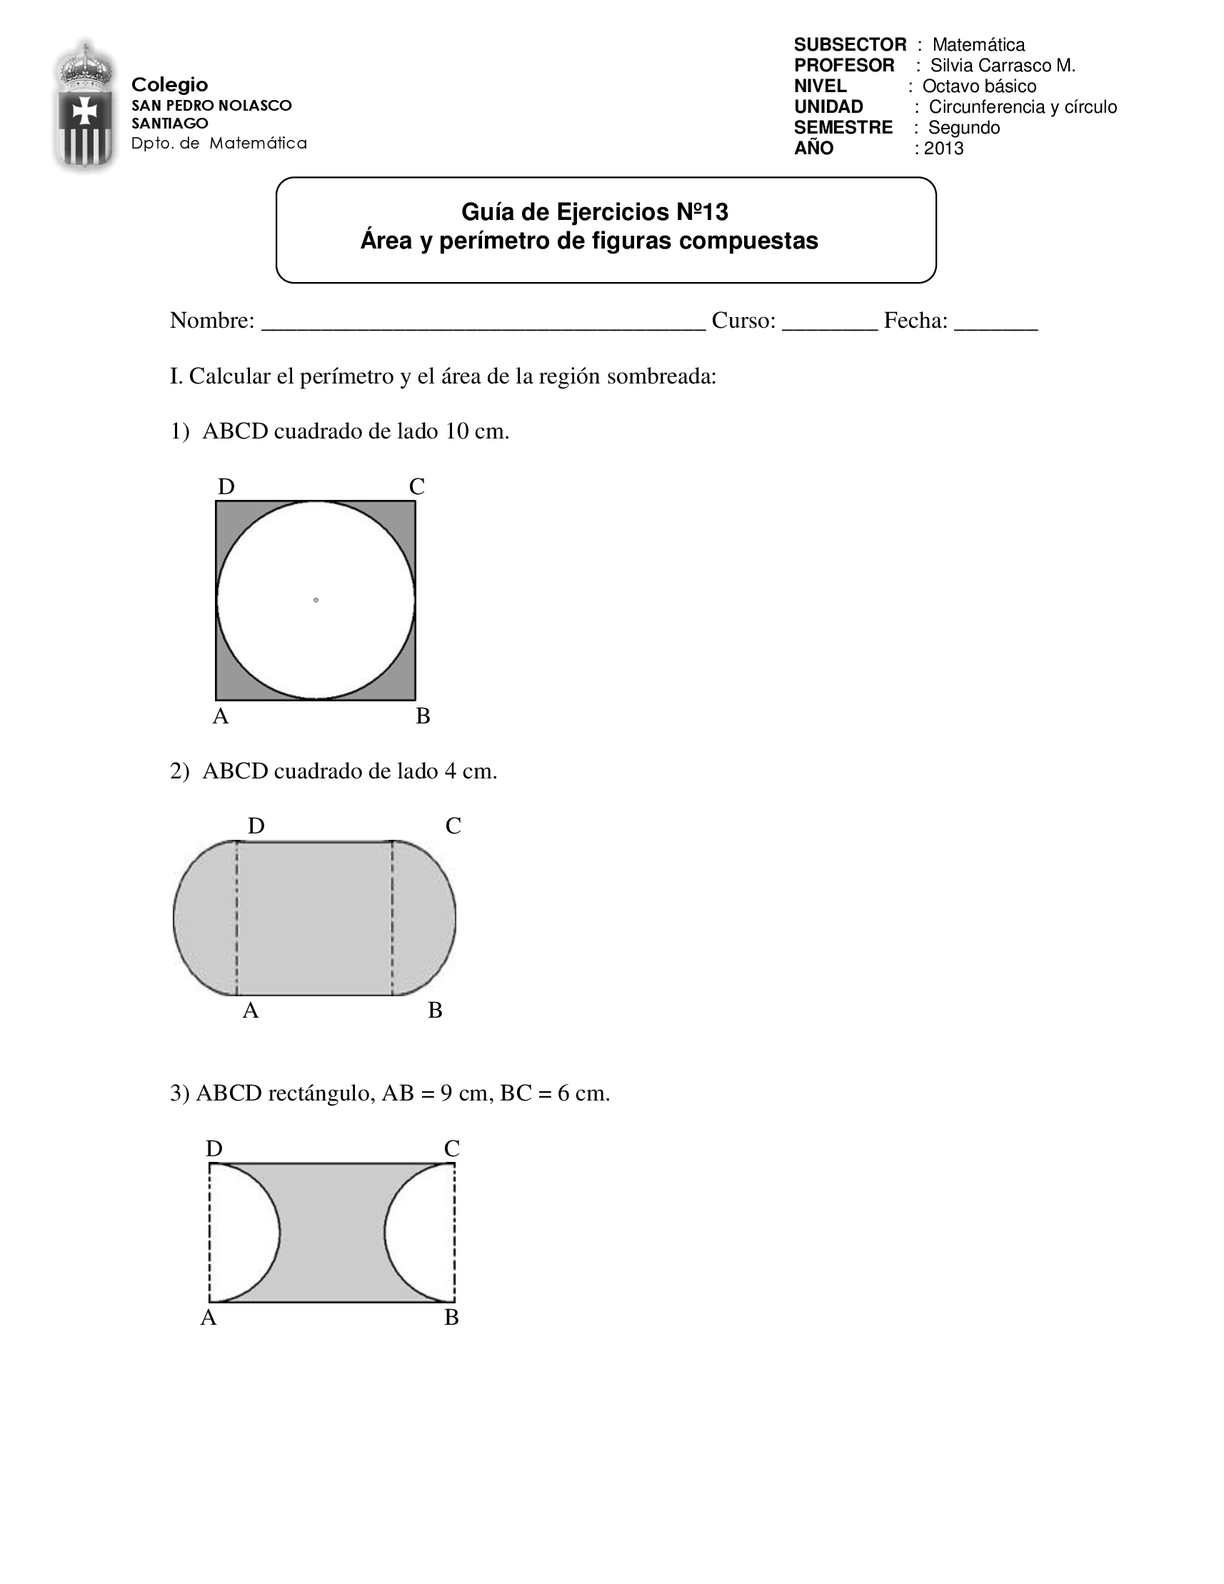 Guía Nº13 Área y perímetro de figuras compuestas.